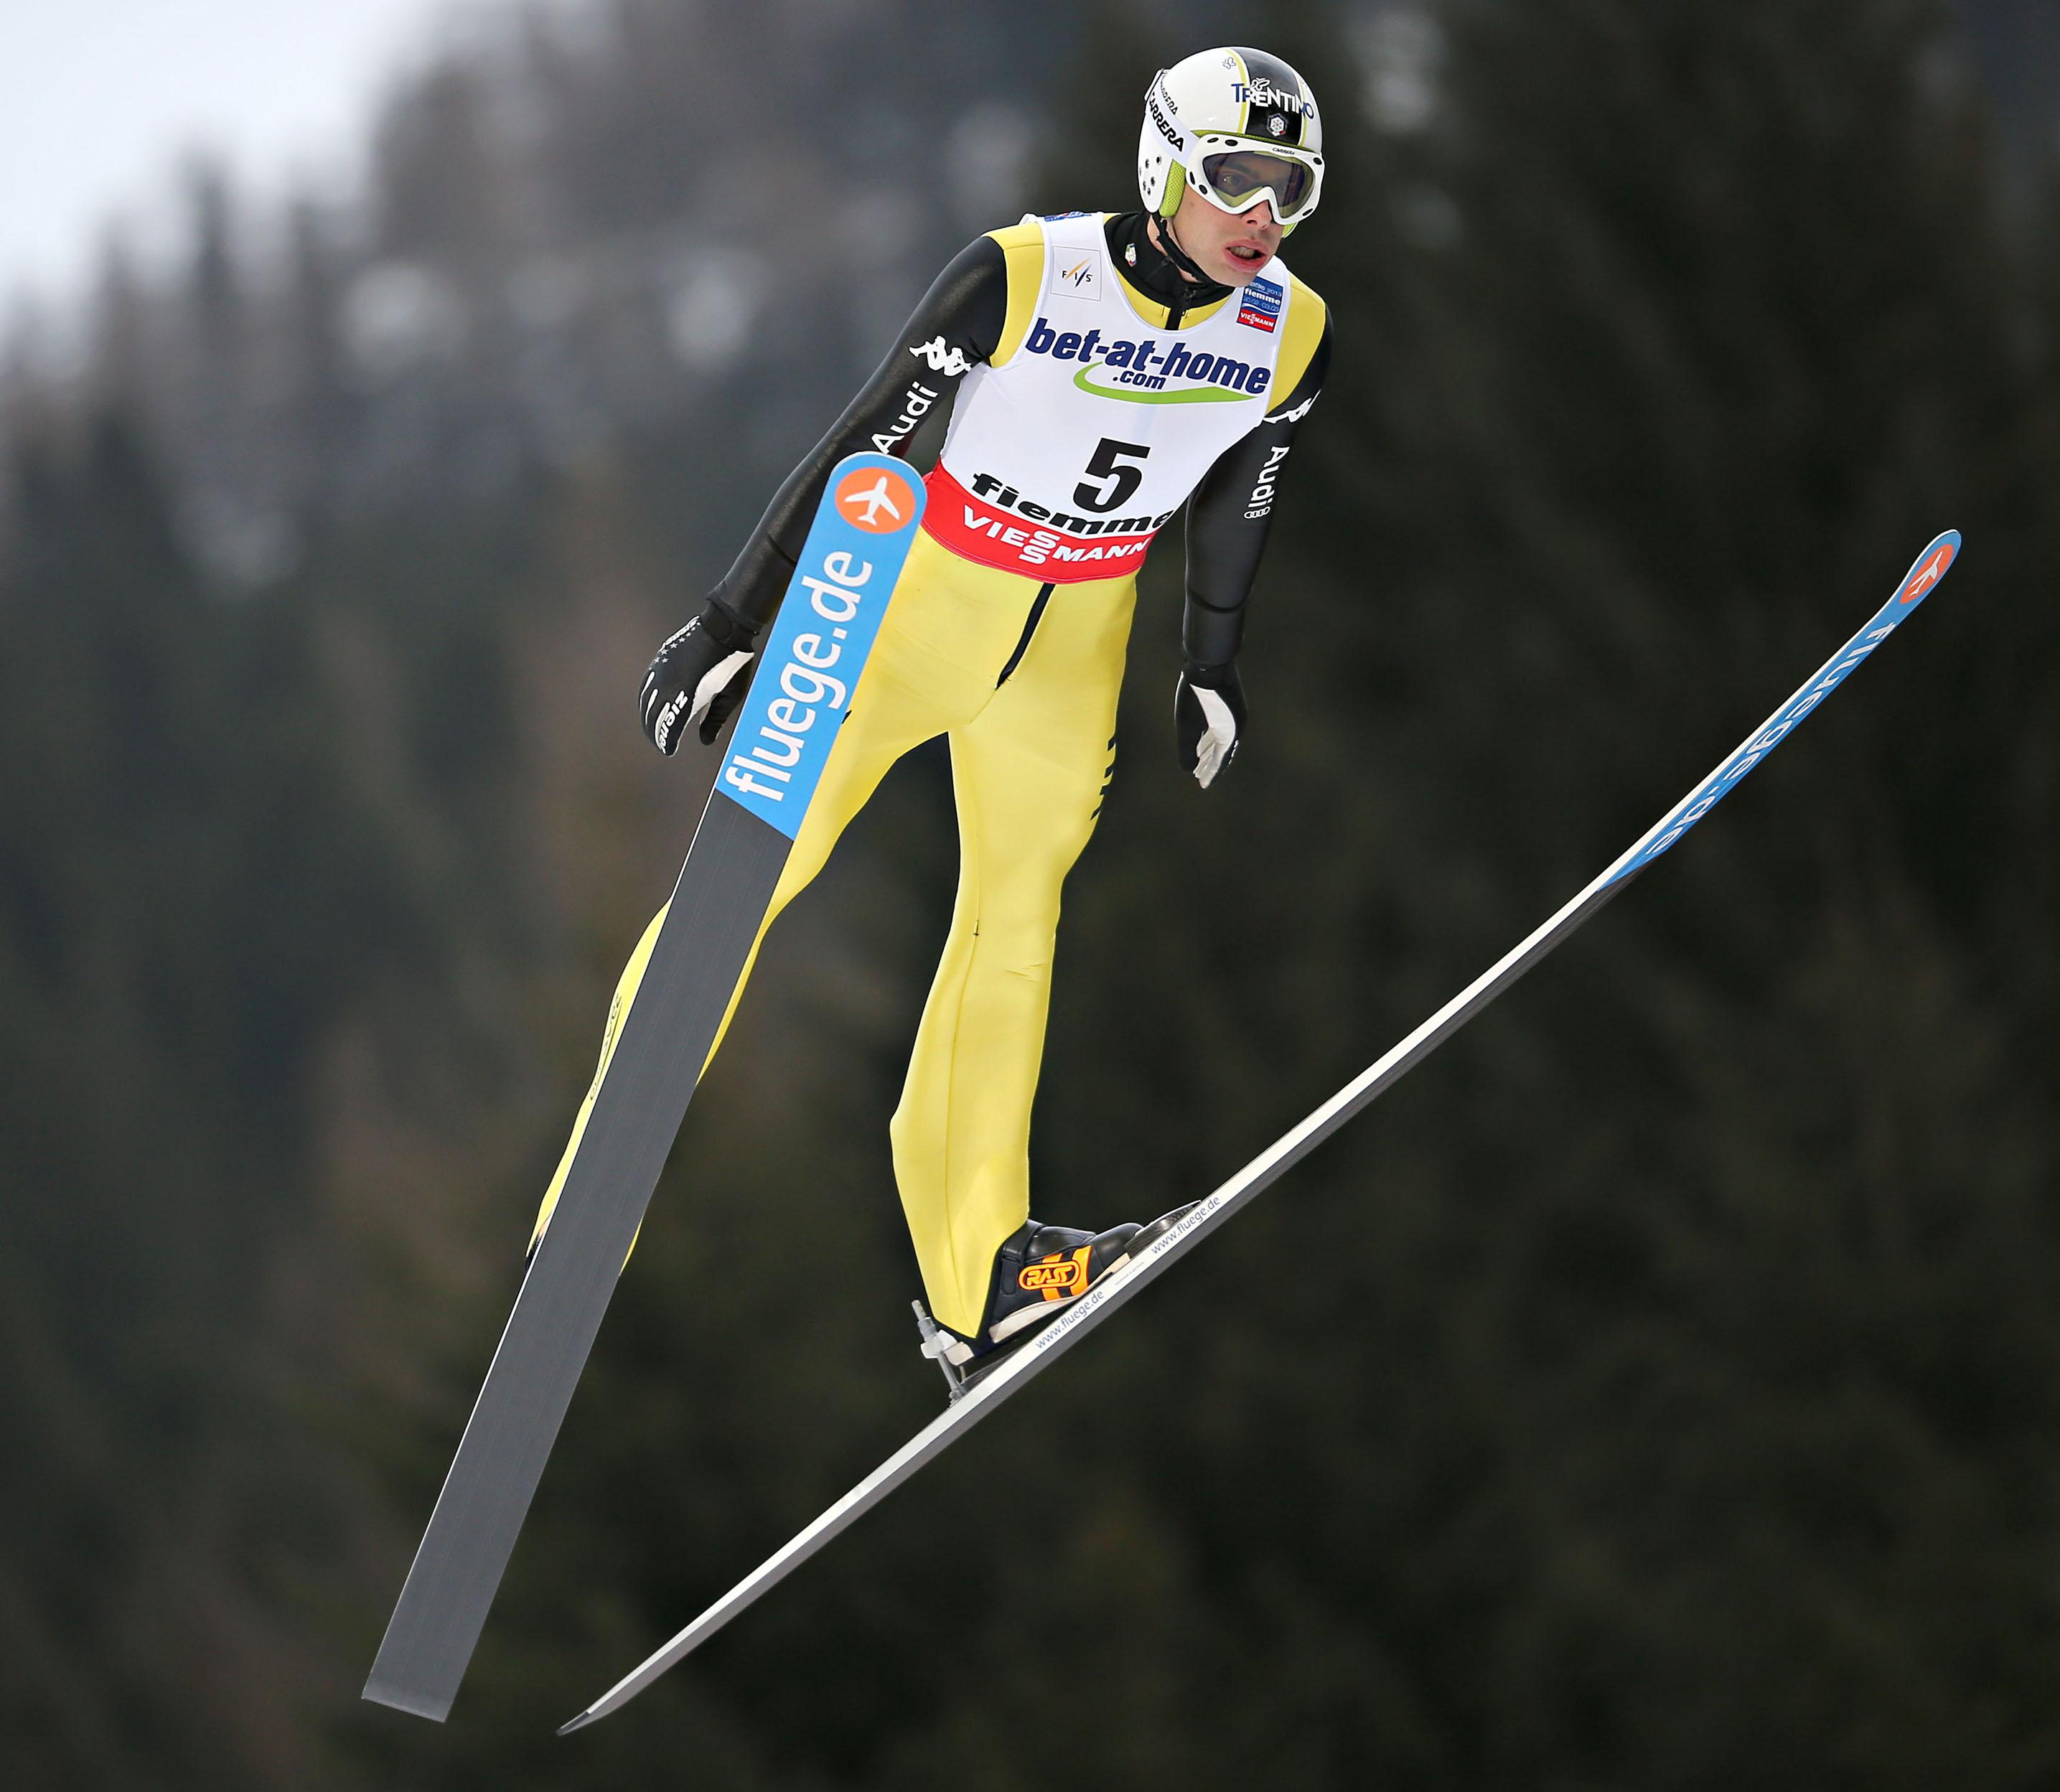 Campionati del Mondo di Sci Nordico Junior e Under 23